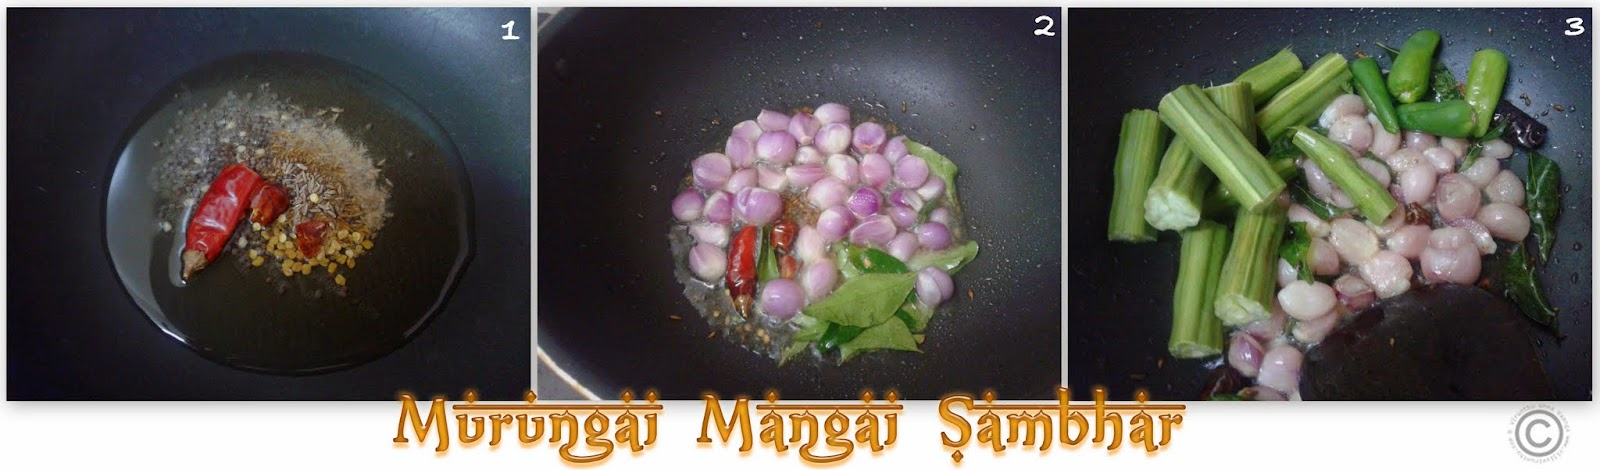 sambhar-with-homemade-sambhar-powder